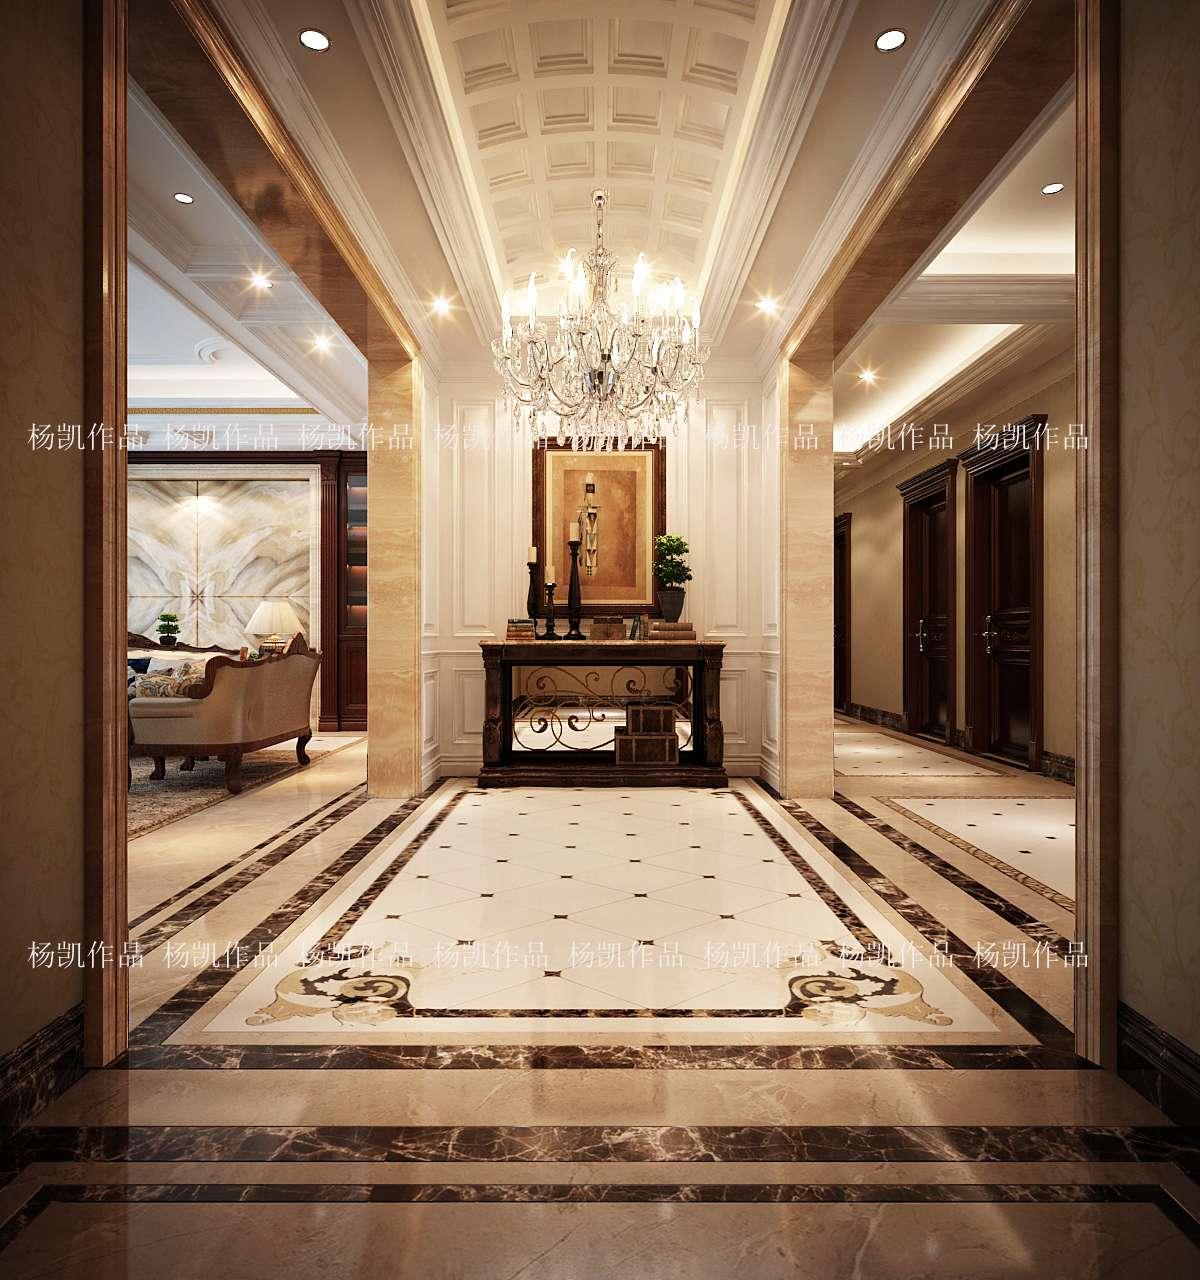 欧式装饰风格最适用于大面积房子,若空间太小,不但无法展现其风格势气,反而对生活在其间的人造成一种压迫感。当然,还要具有一定的美学素养,才能善用欧式风格,否则只会弄巧成拙.